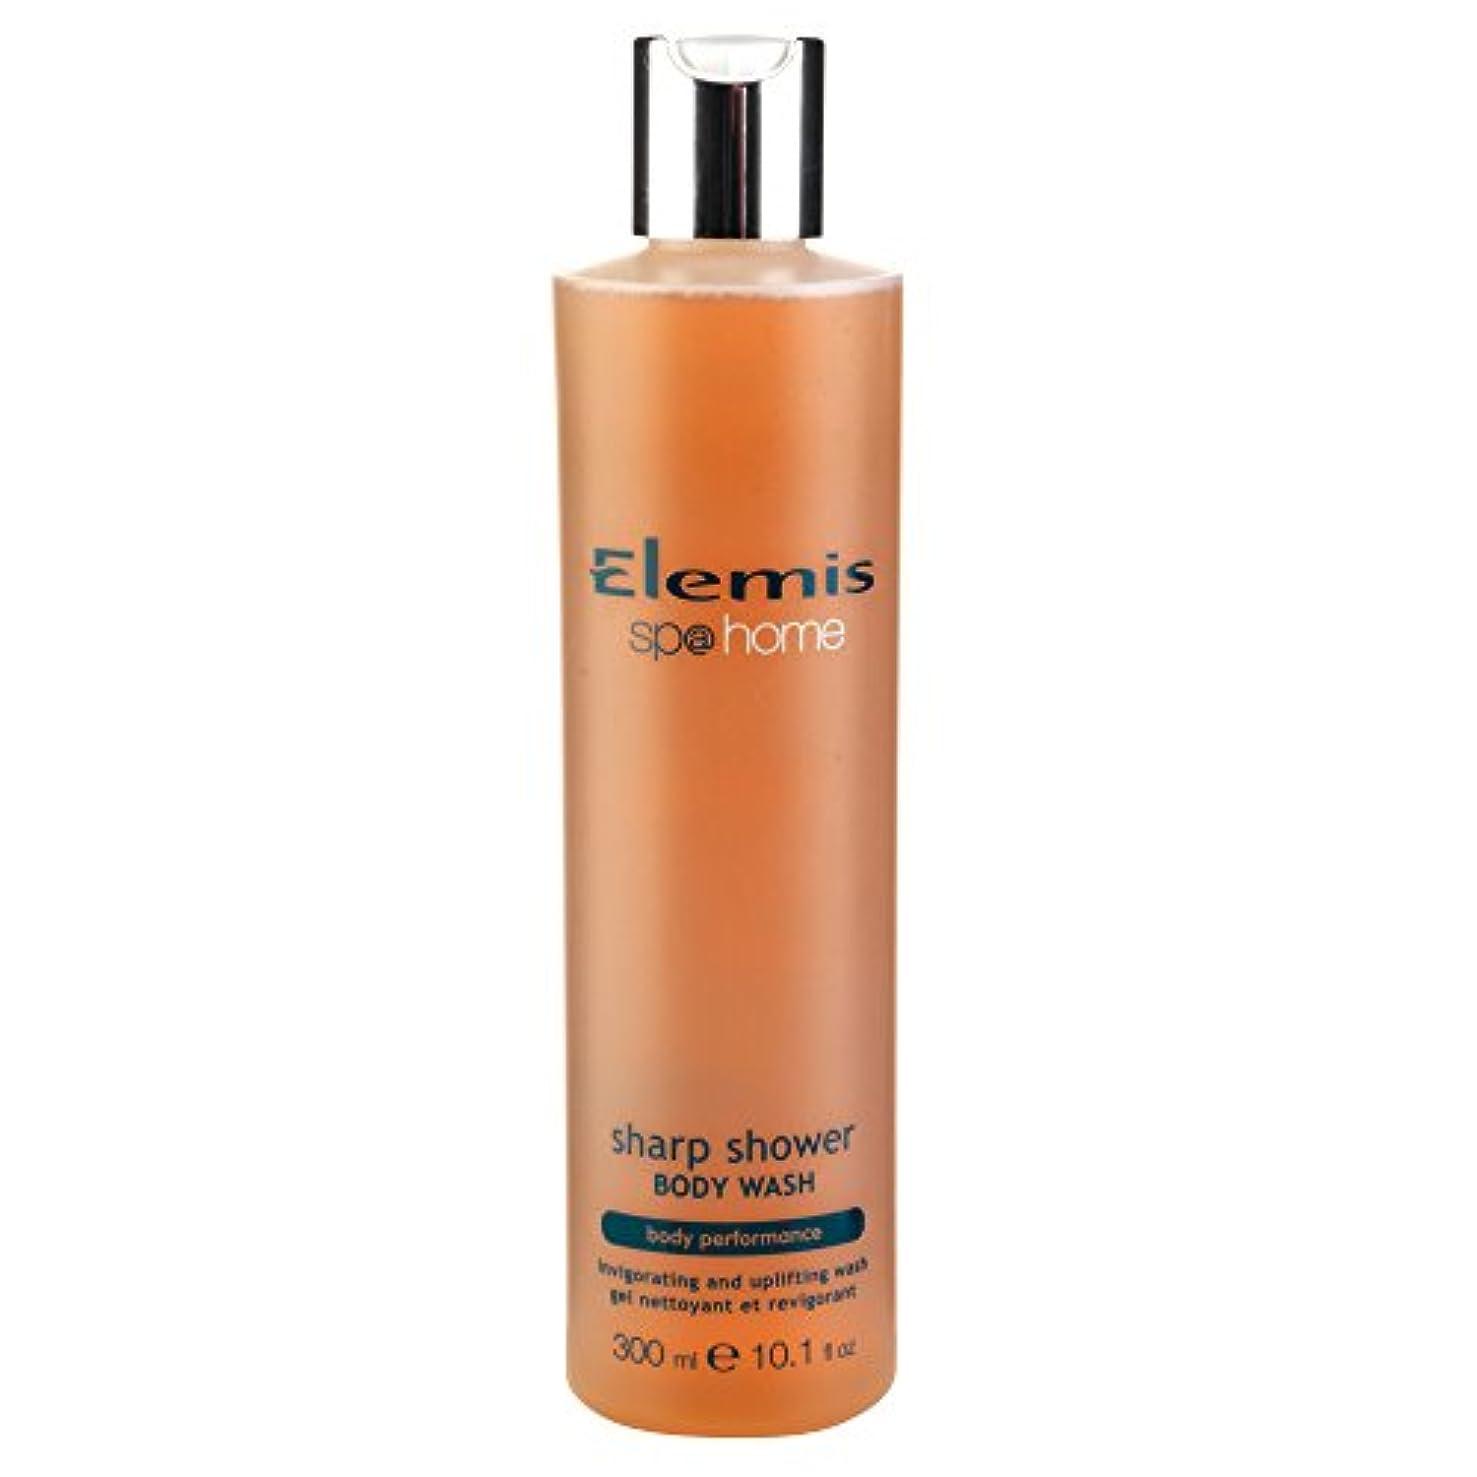 幻想的時制ブレイズエレミスシャープシャワーボディウォッシュ300ミリリットル (Elemis) - Elemis Sharp Shower Body Wash 300ml [並行輸入品]